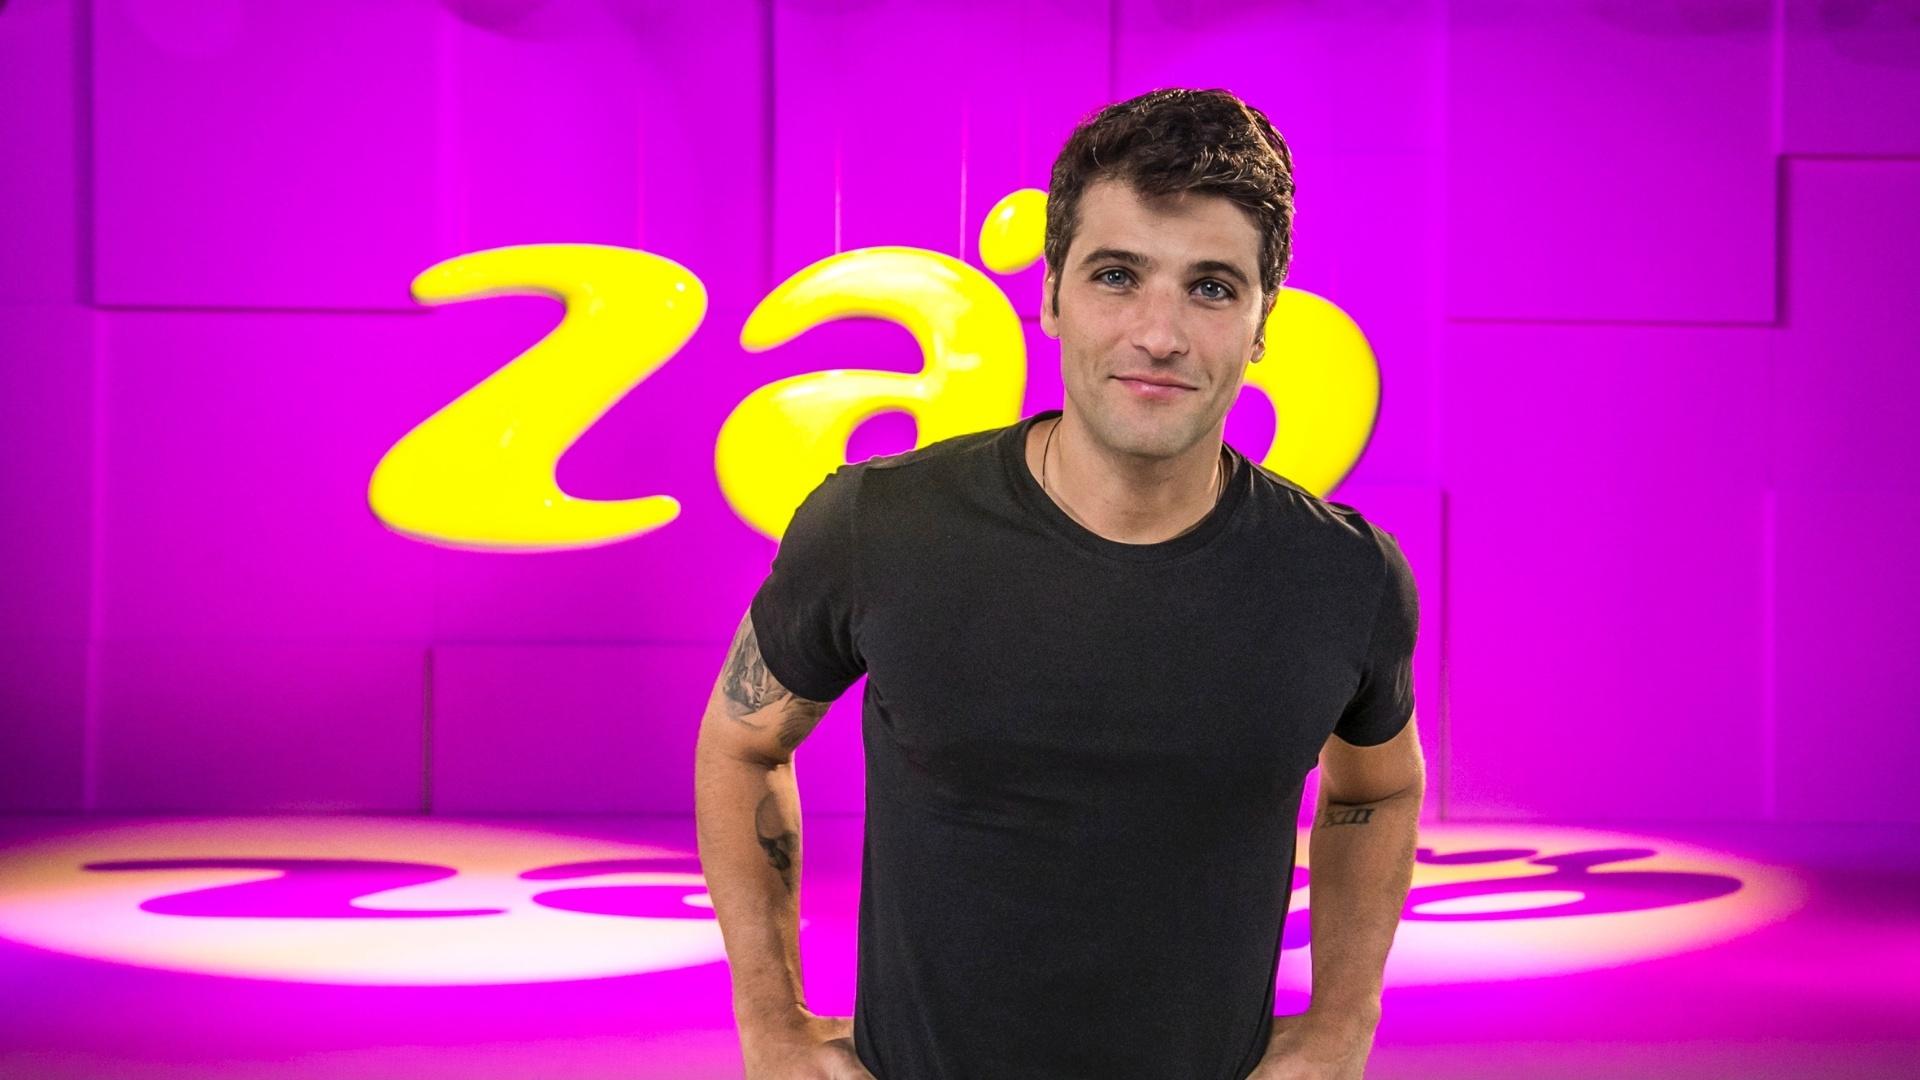 Bruno Gagliasso é uma das estrelas da campanha da Globo Internacional para a operadora Zap, em Angola